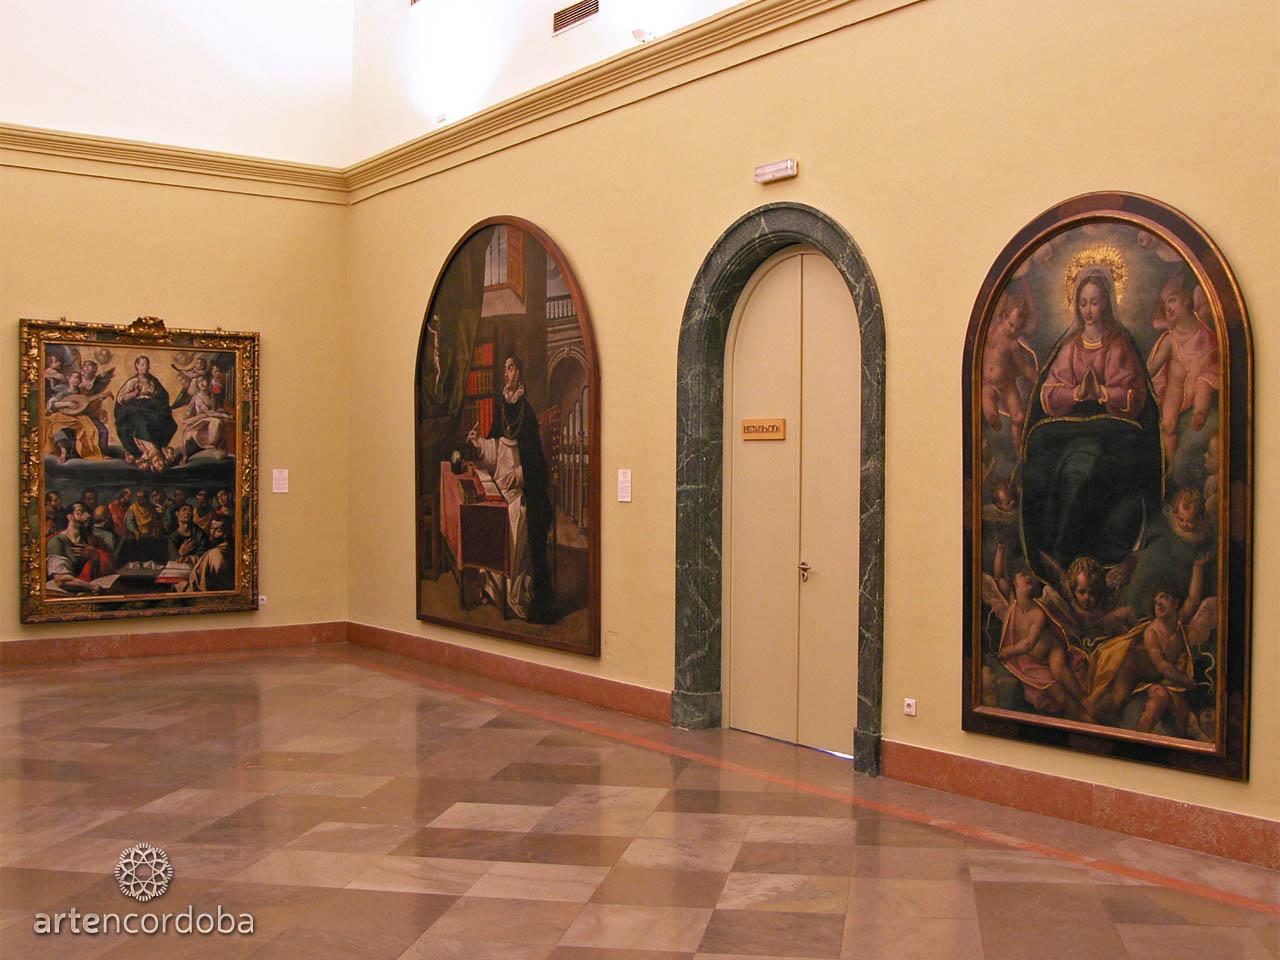 Sala 'Arte Manierista Cordobés' en el Museo de Bellas Artes de Córdoba